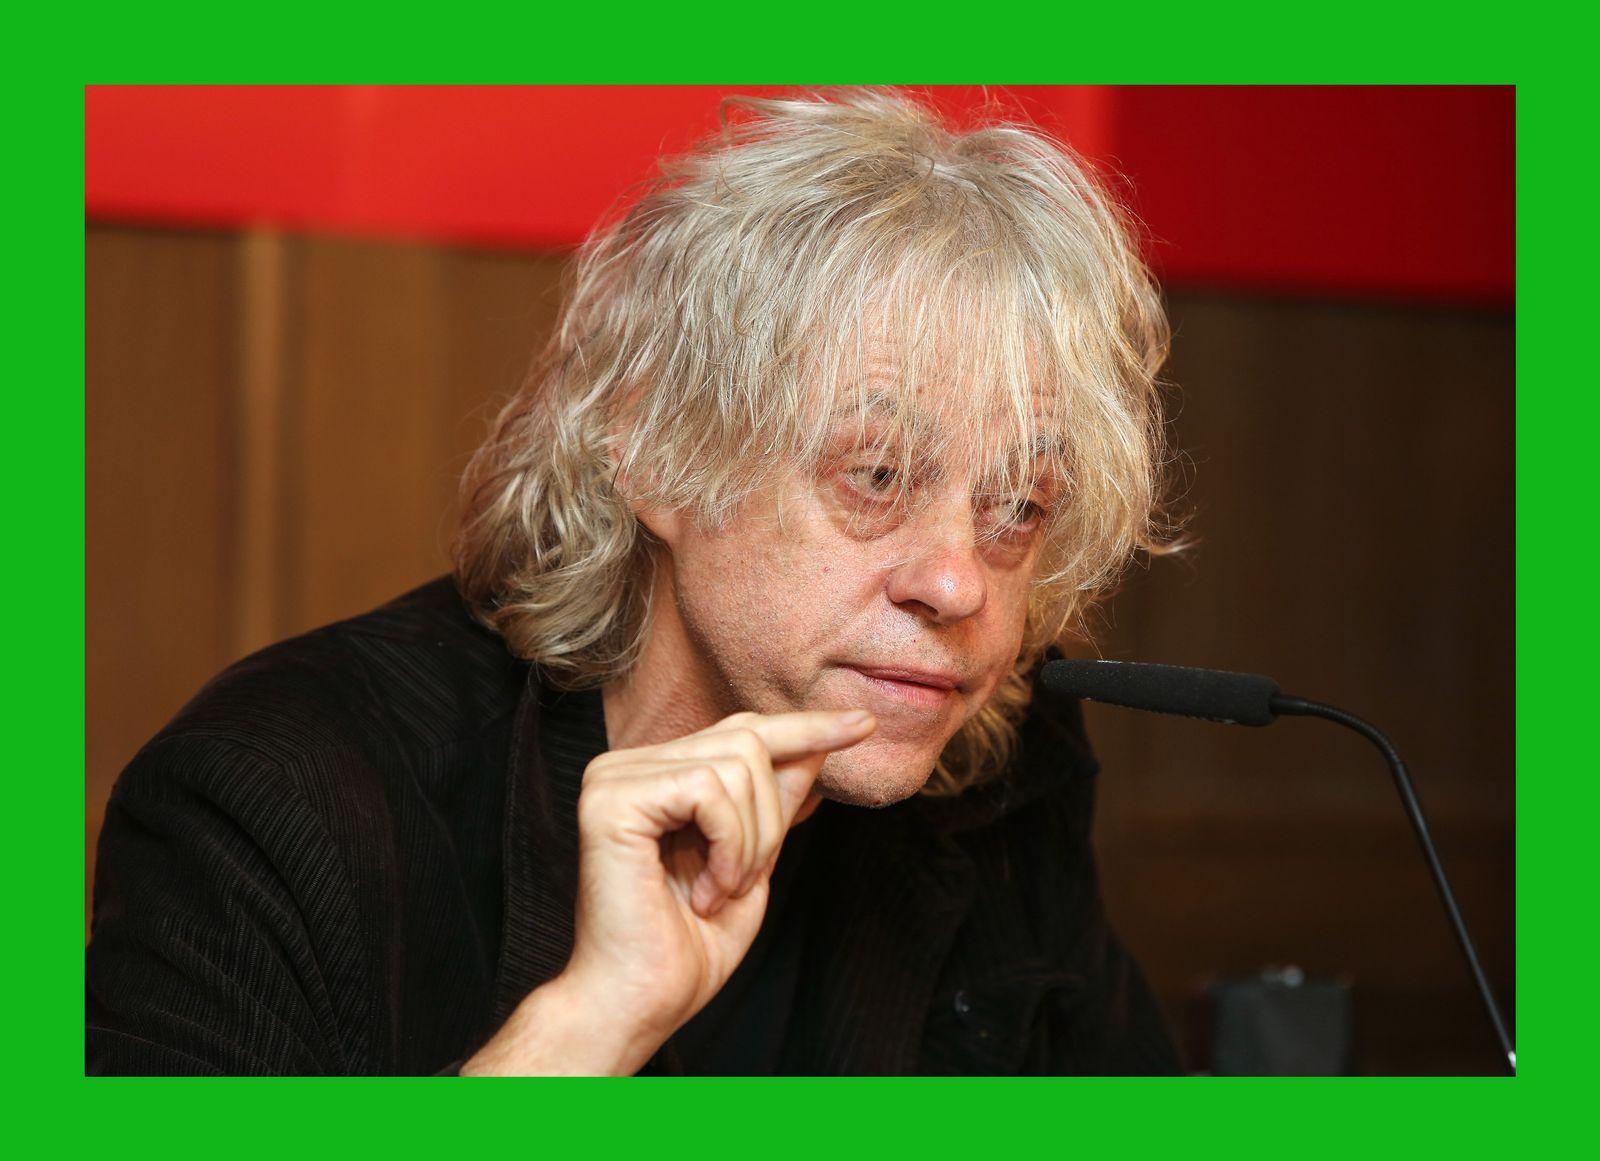 Bob Geldof/ Band Aid/ Ebola